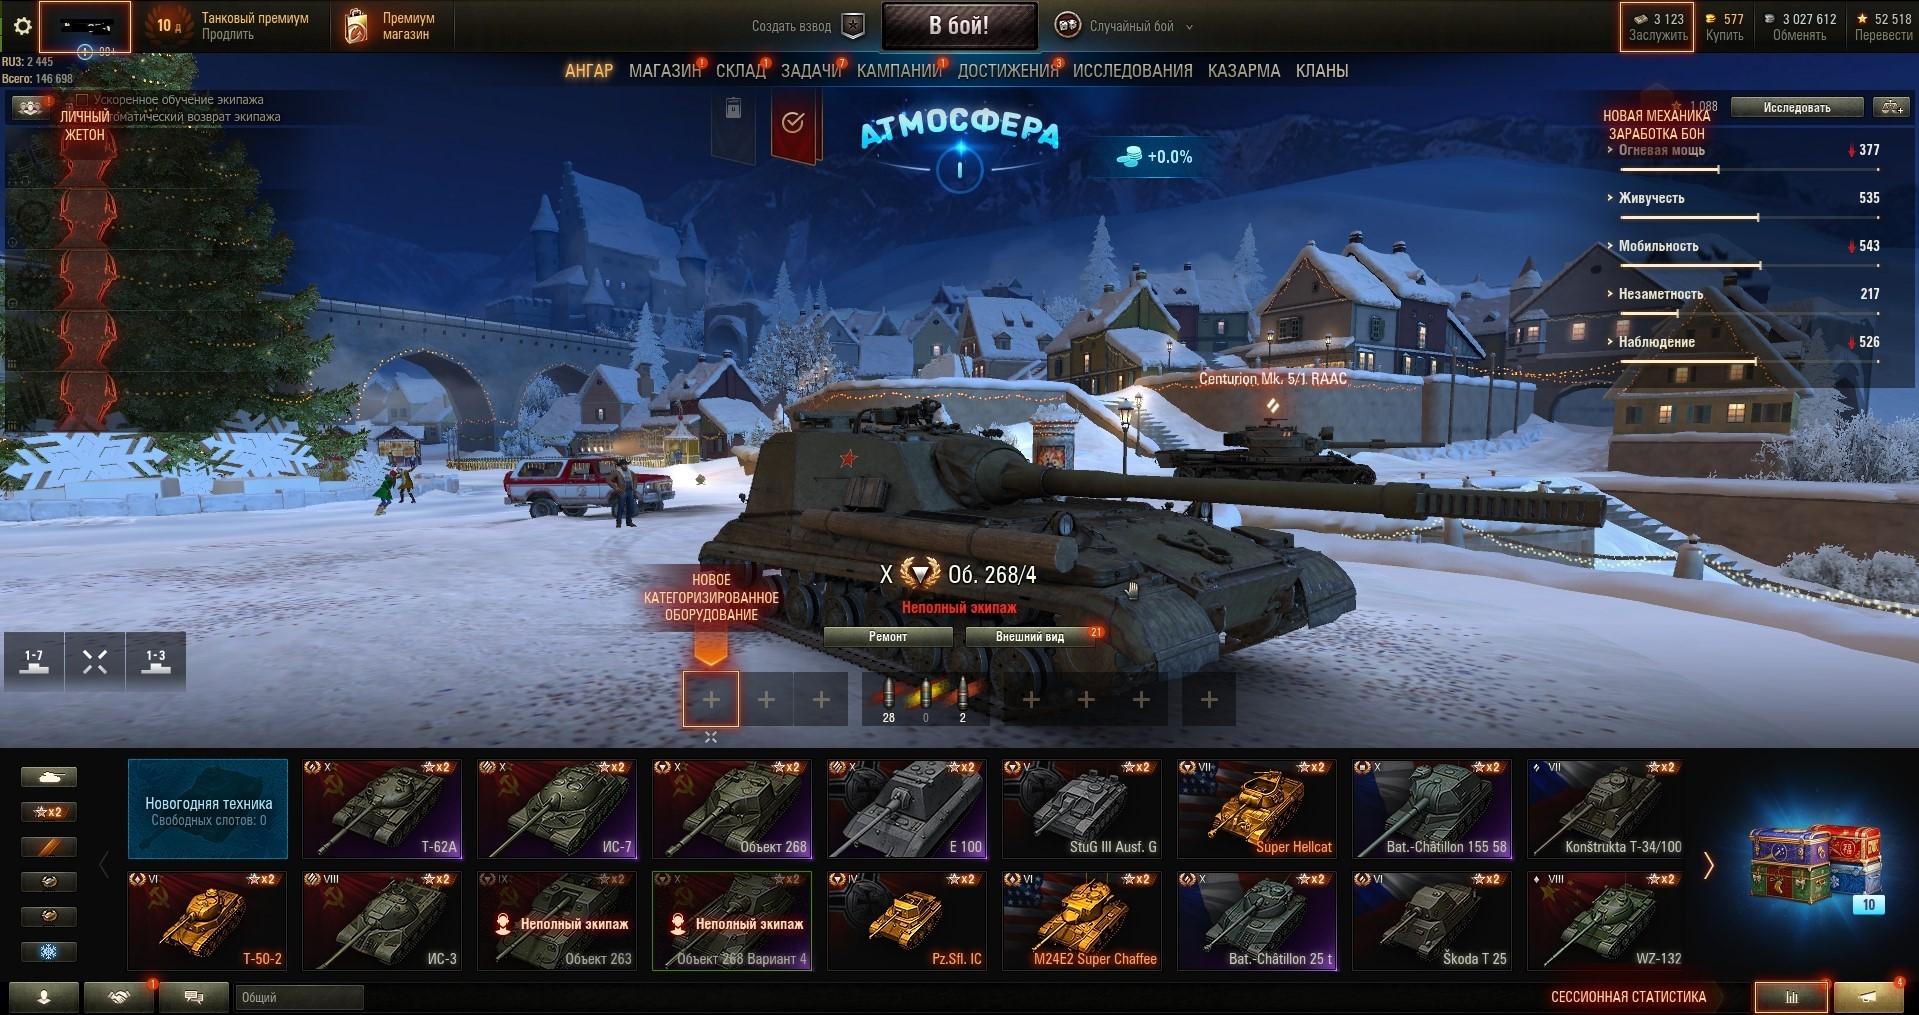 Купить Аккаунт WoT (5 топов, E25, всего 15 танков) 2015г